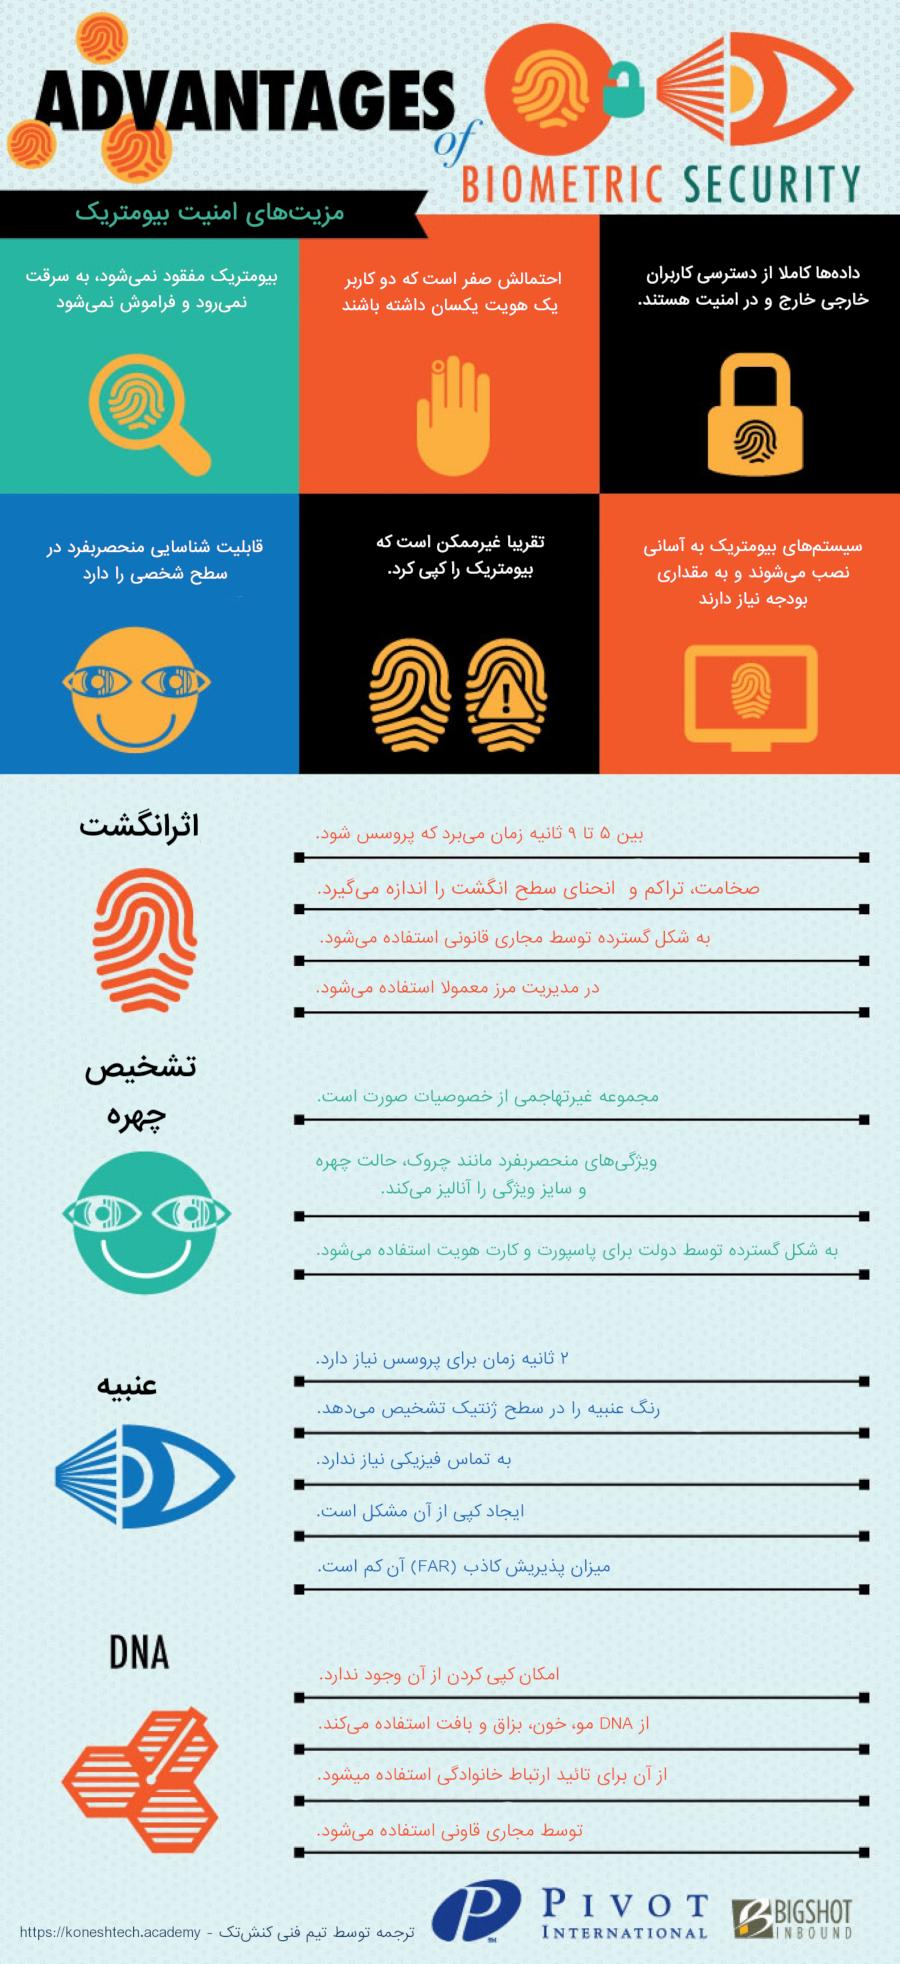 مزیتهای امنیتی بیومتریک